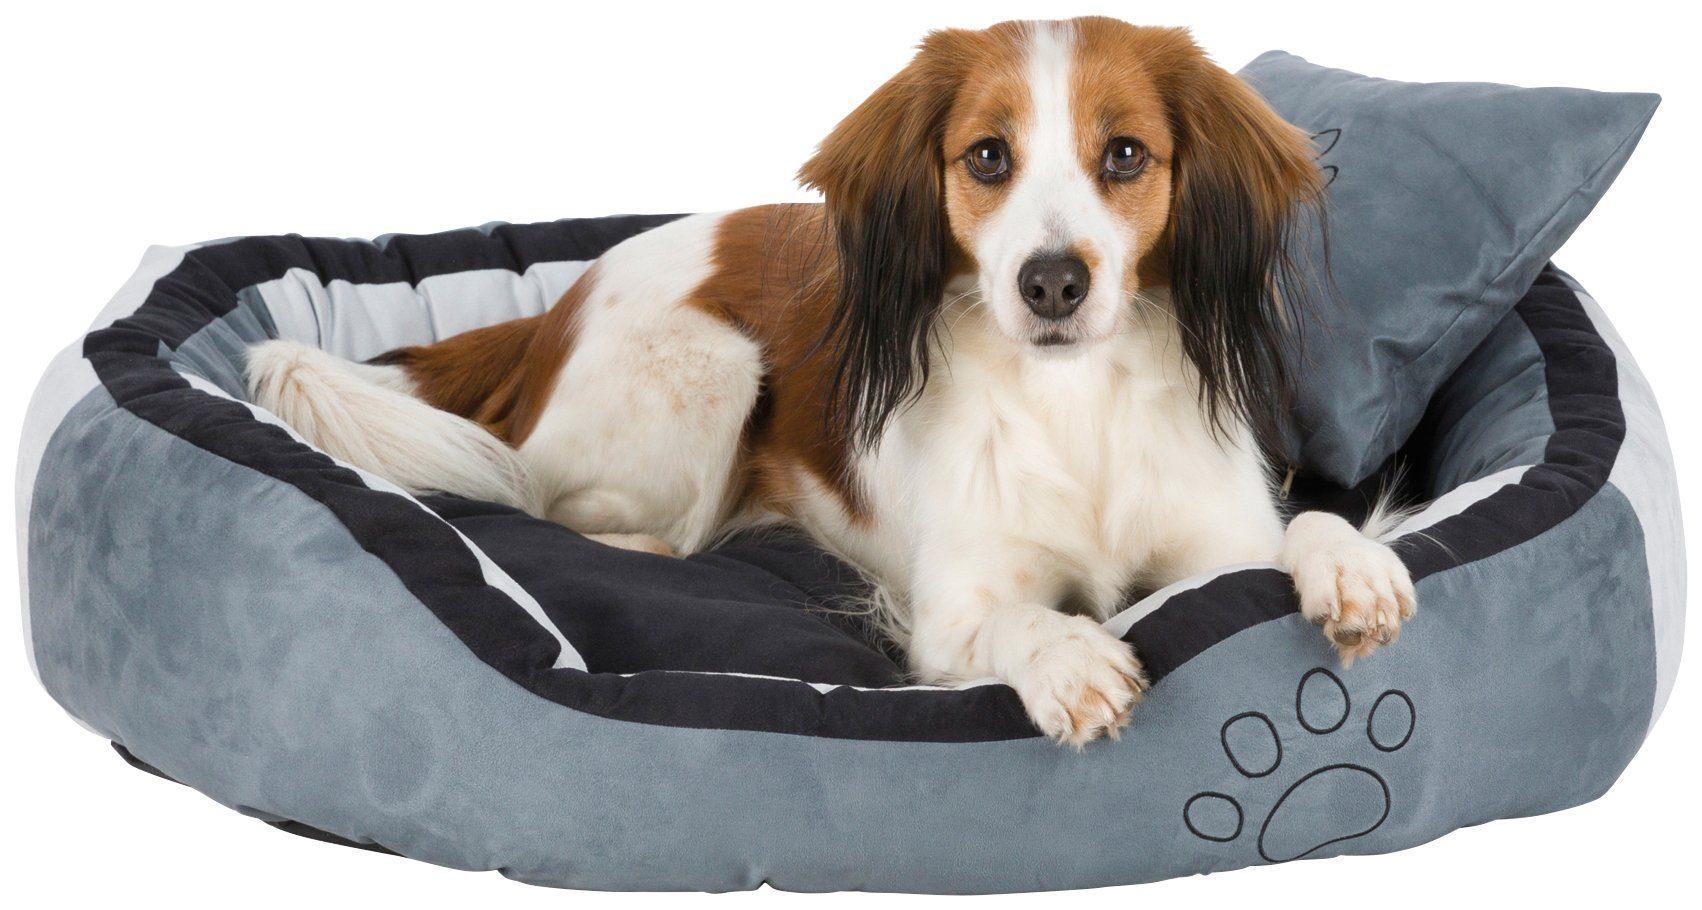 TRIXIE Hundebett und Katzenbett »Bonzo«, BxT: 60x50 cm, grau/schwarz